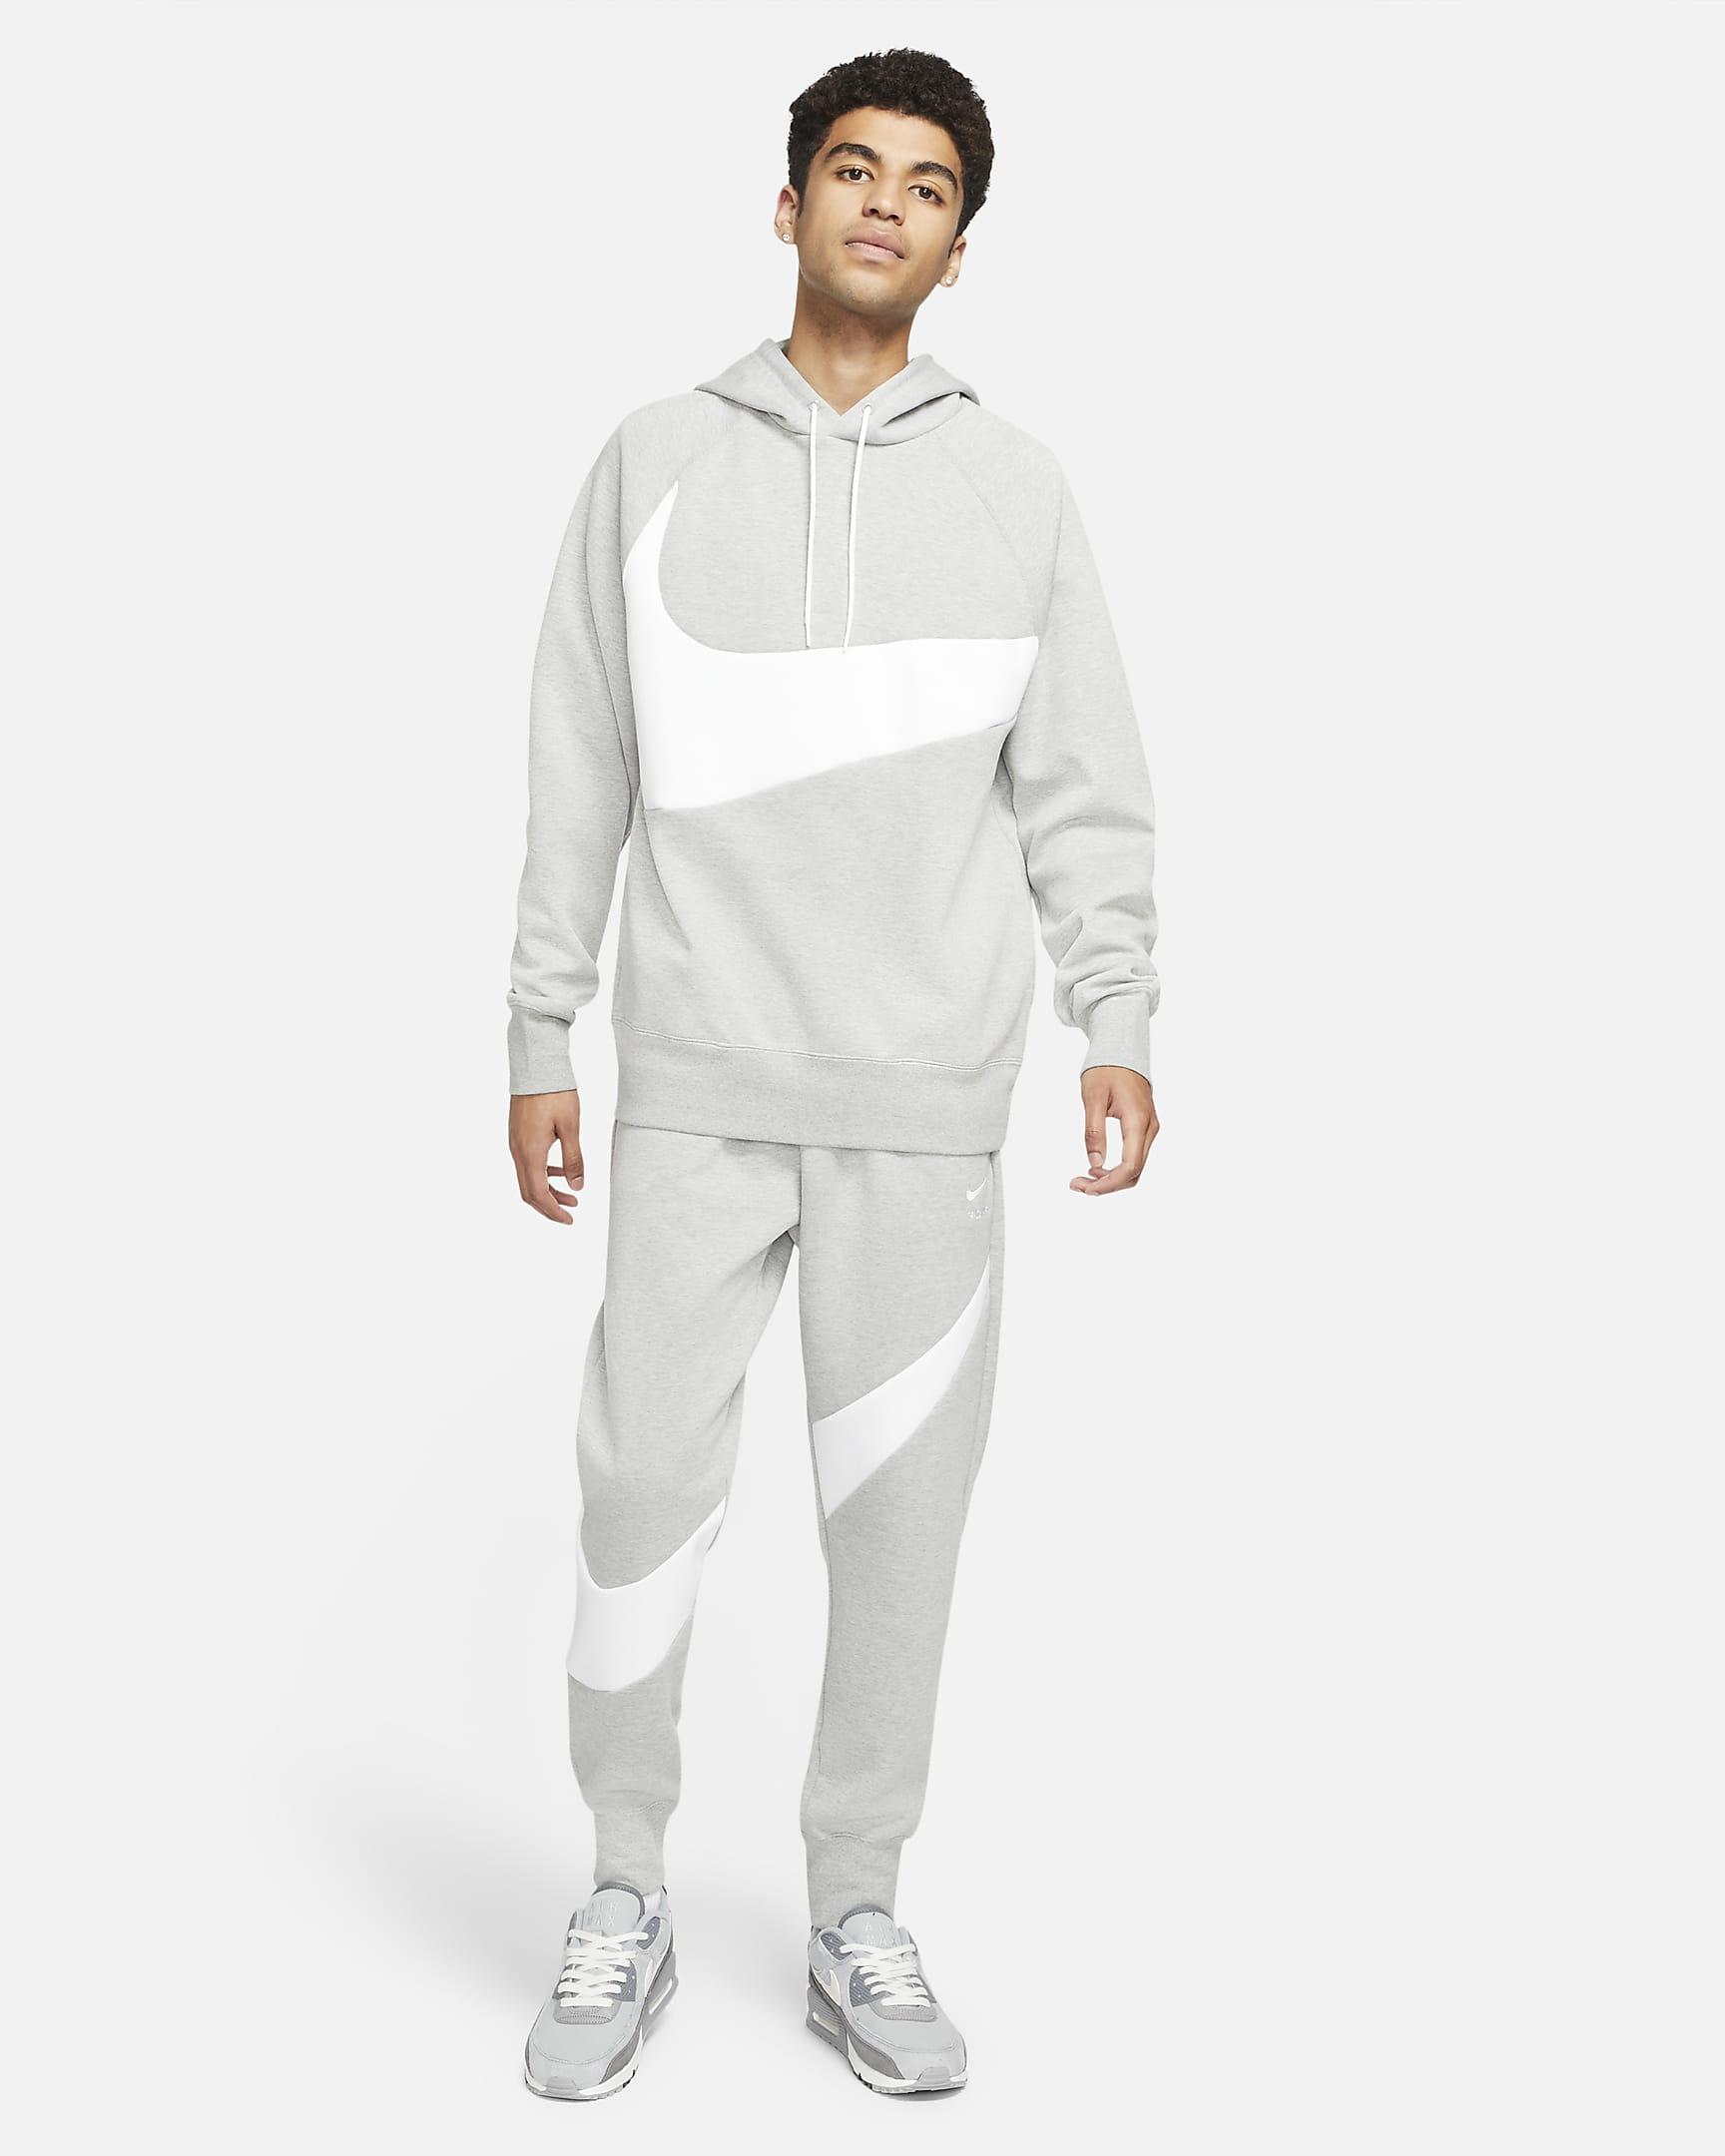 nike-sportswear-swoosh-tech-fleece-mens-pullover-hoodie-CPnmfh-4.png